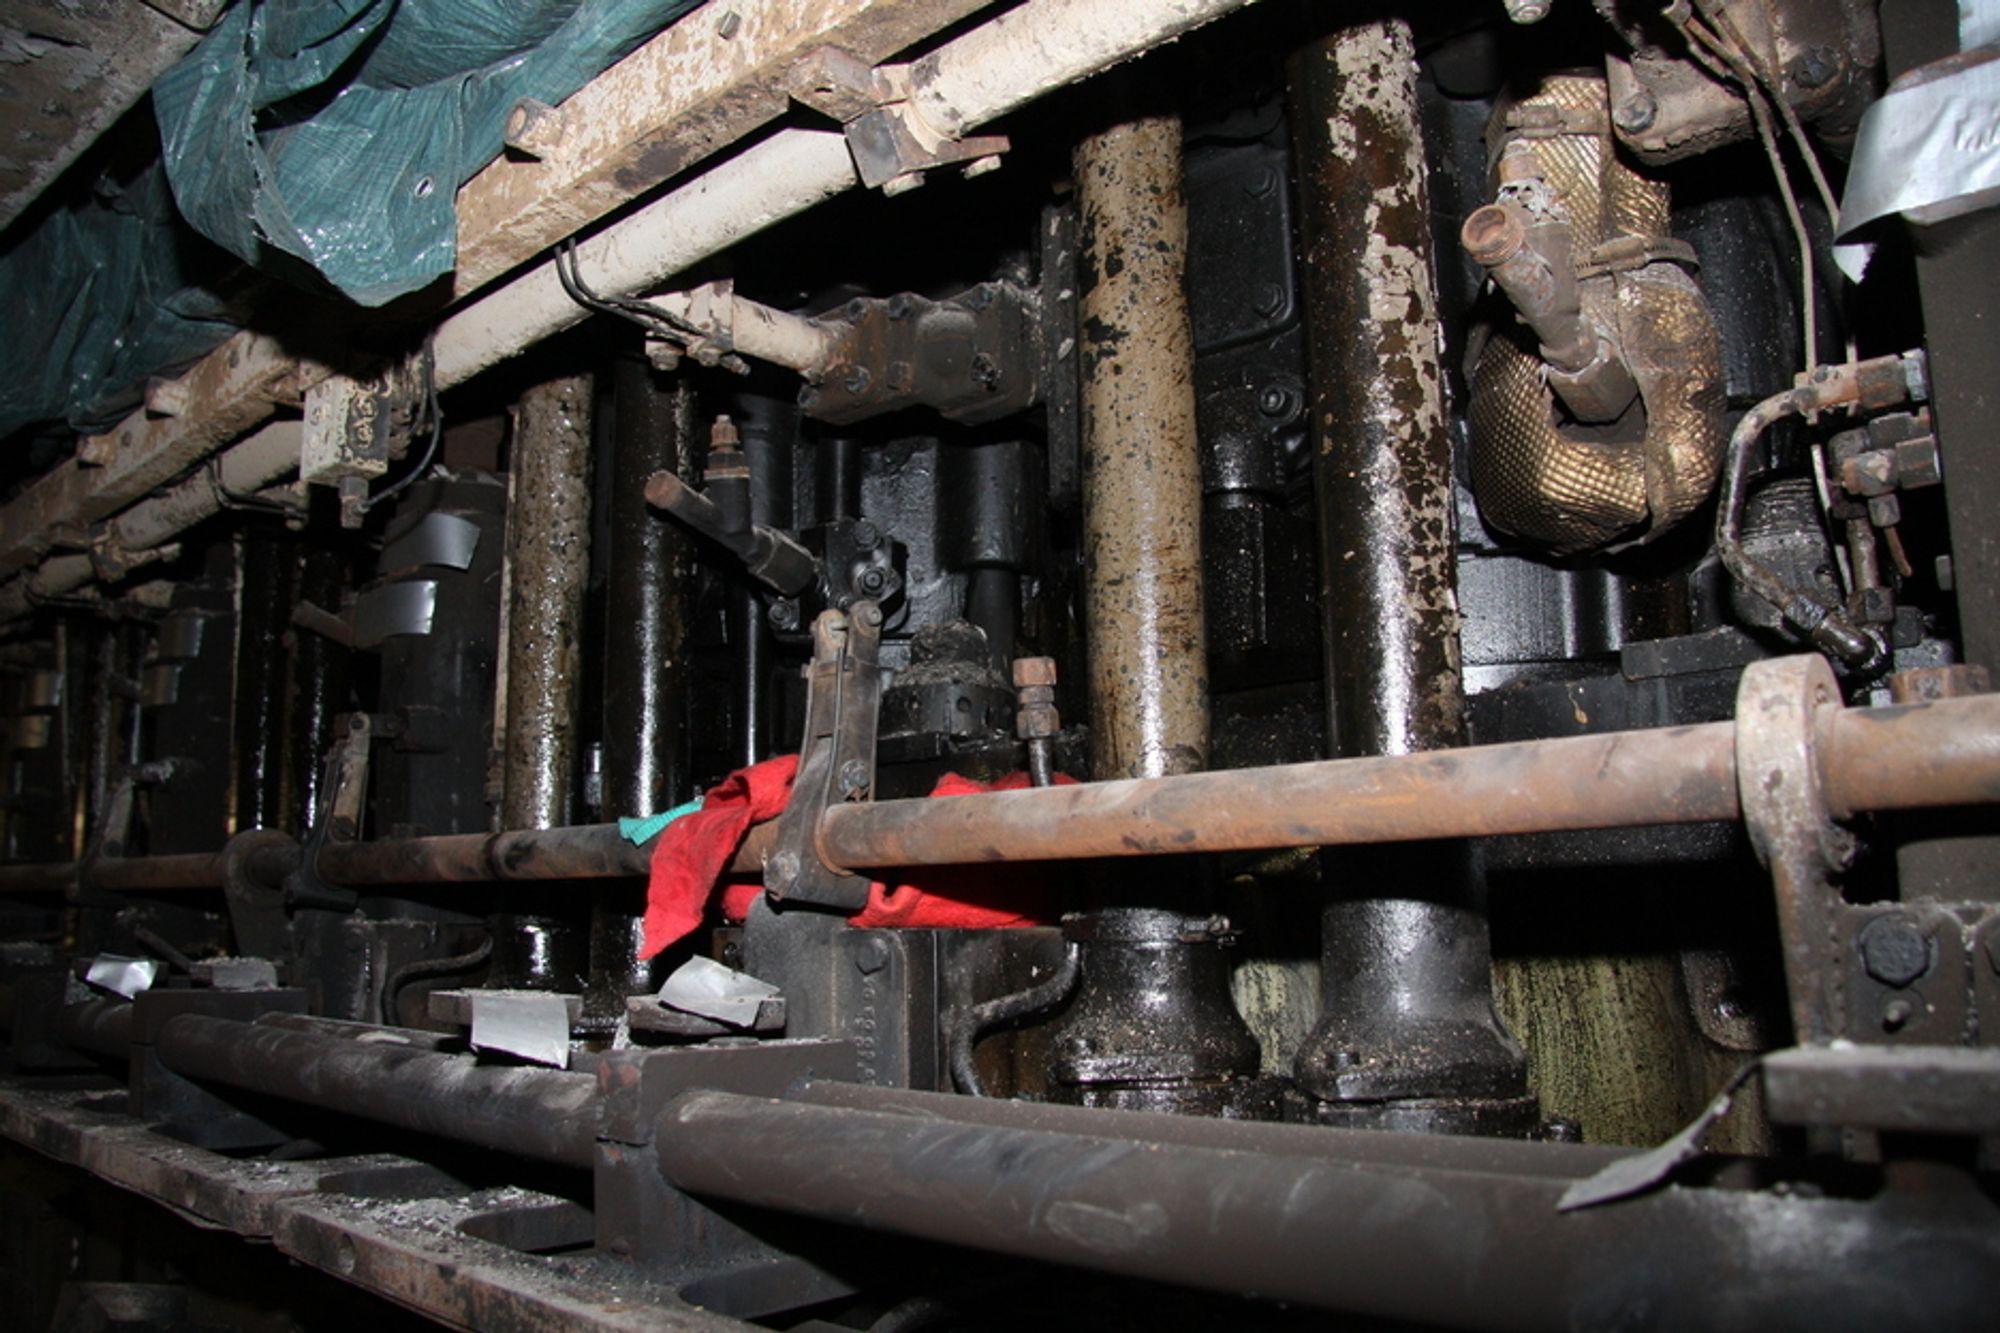 LØS: Her sto dieselpumpen som SHT mener er opphav til brannen ombord på Nordlys. Løse bolter kan ha medført materialtretthet i et dieselrør. Olje sprutet ut på indikatorkran som hadde temperatur på over 220 grader, og som dermed satte i gang brannen.